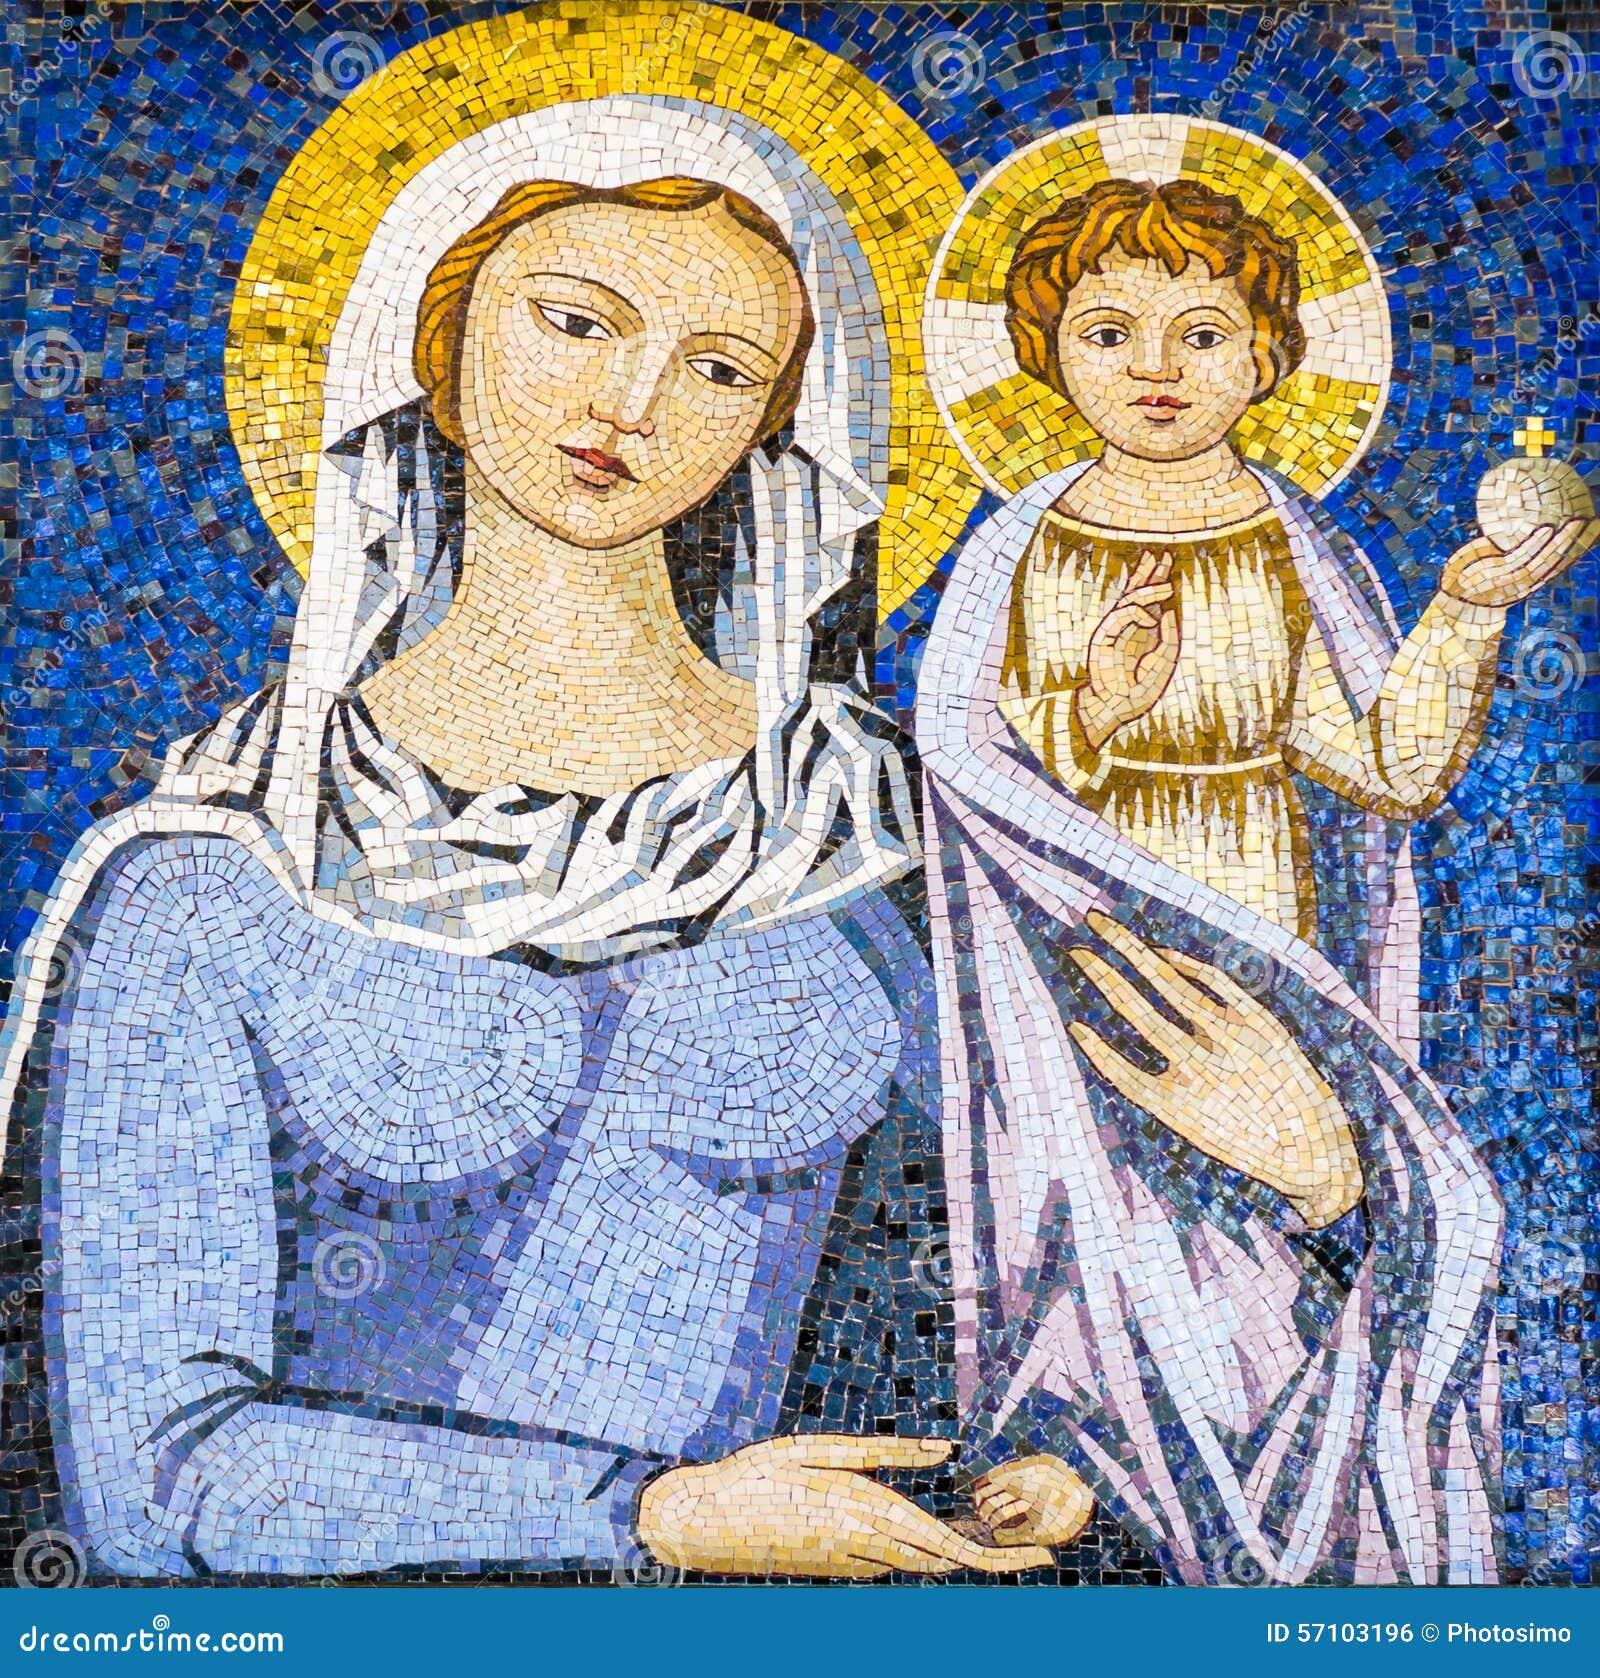 aventurada Virgem Maria, jesus Cristo, bencao, Cristianismo ...